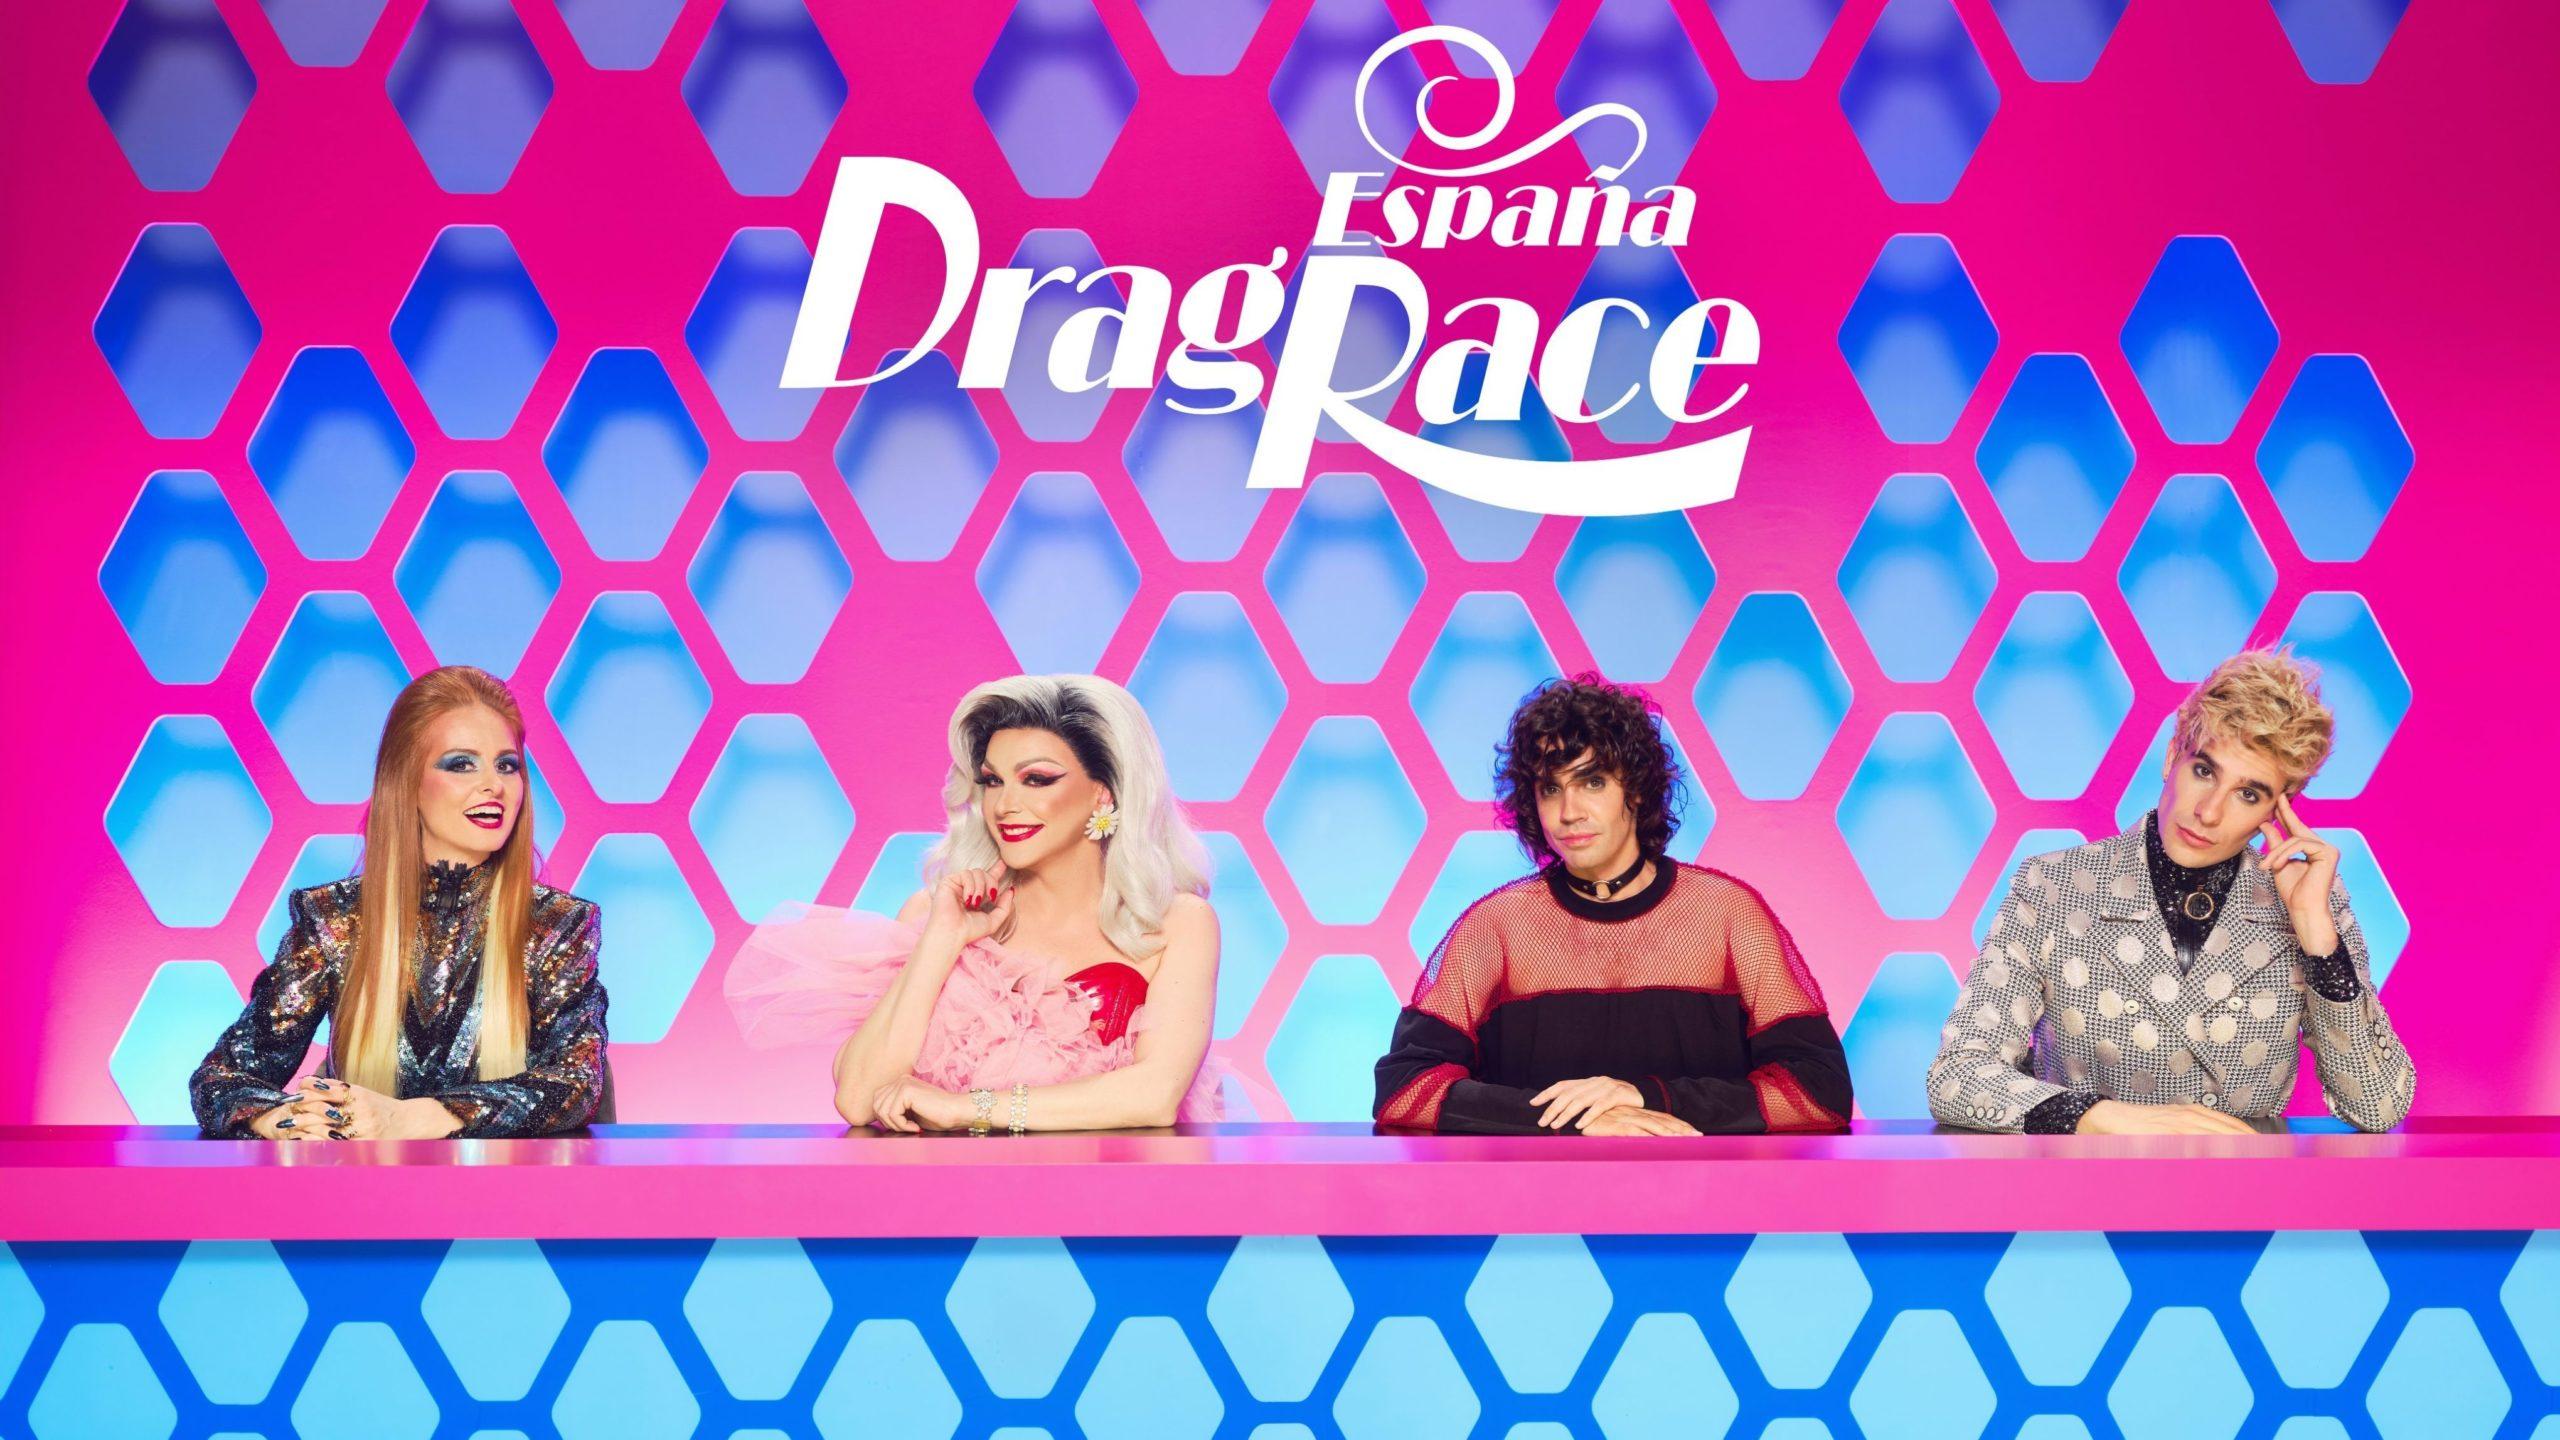 Cena de Drag Race España. Nela, vemos a bancada de jurados. Da esquerda para a direita, estão Ana Locking, Supremme De Luxe, Javier Ambrosi e Javier Calvo.